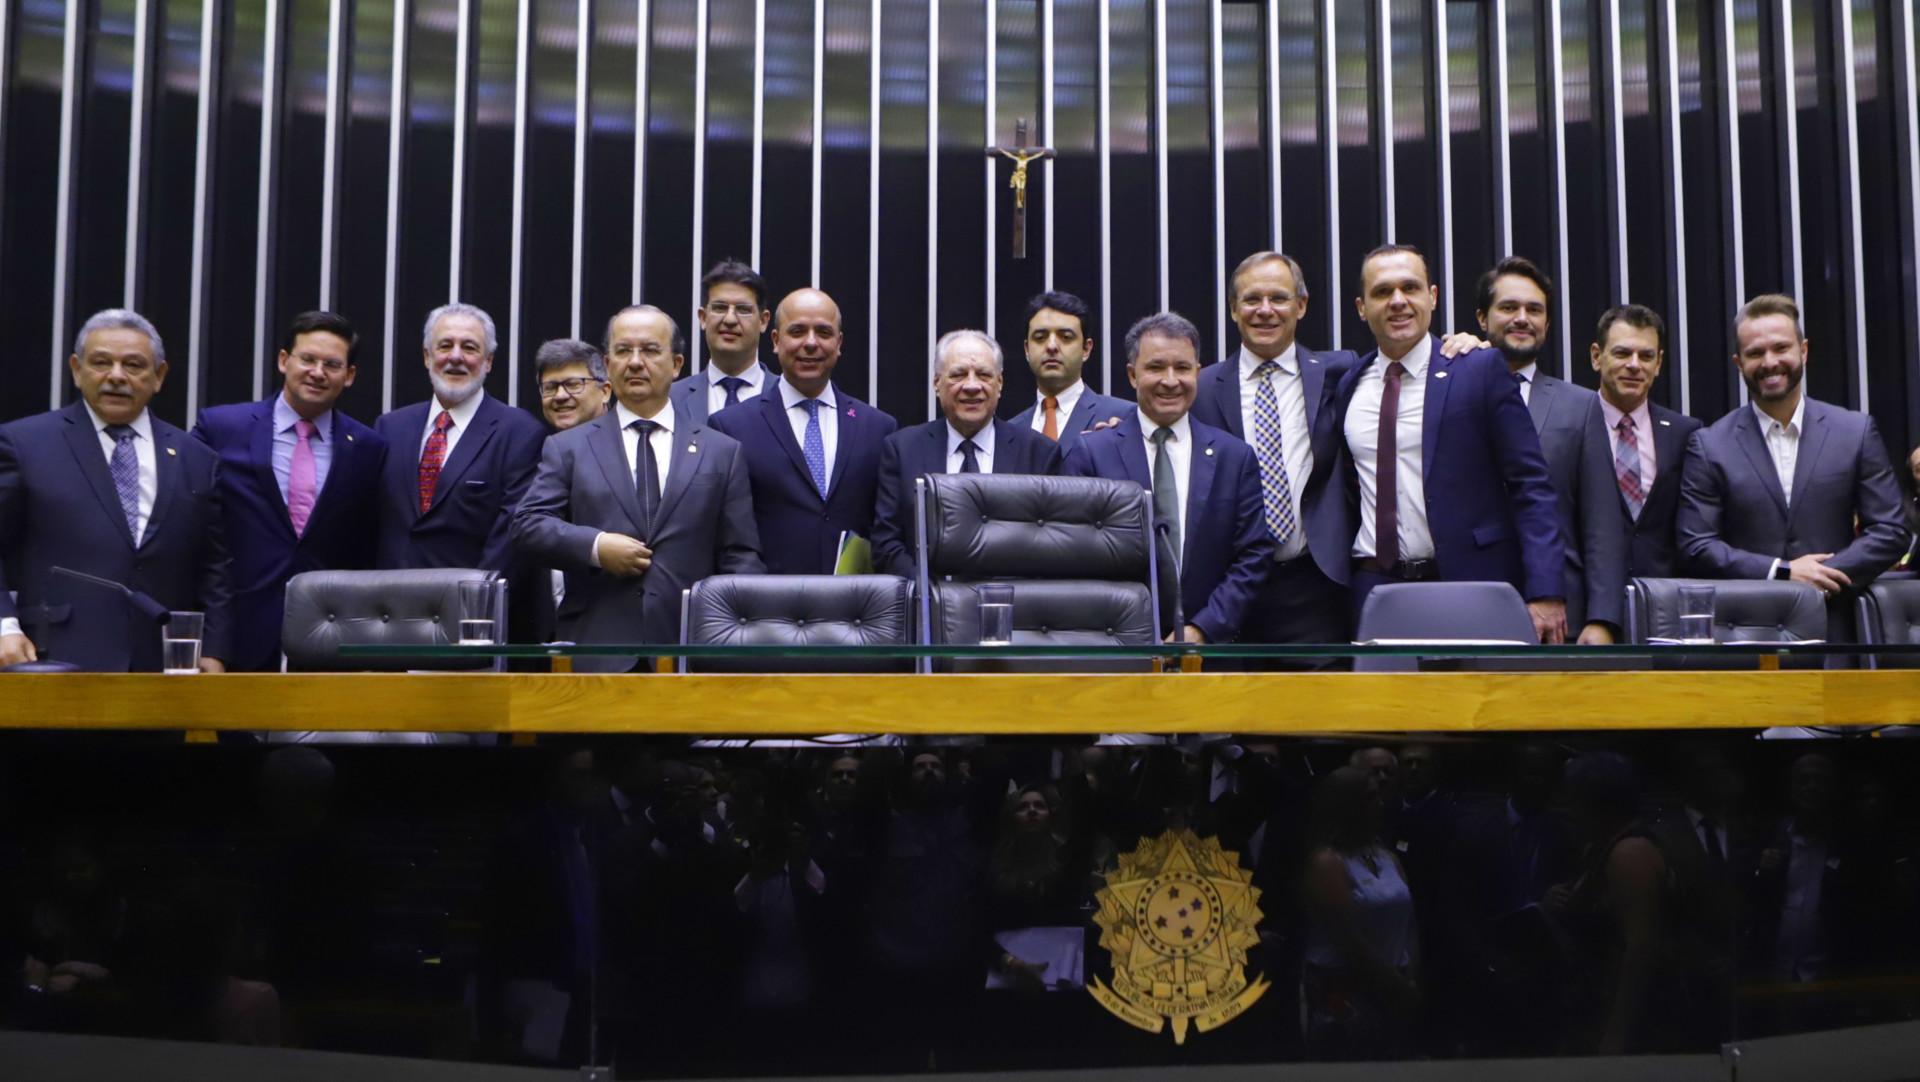 Sessão Solene em Homenagem às Microempresas e Empresas de Pequeno Porte na Câmara dos Deputados